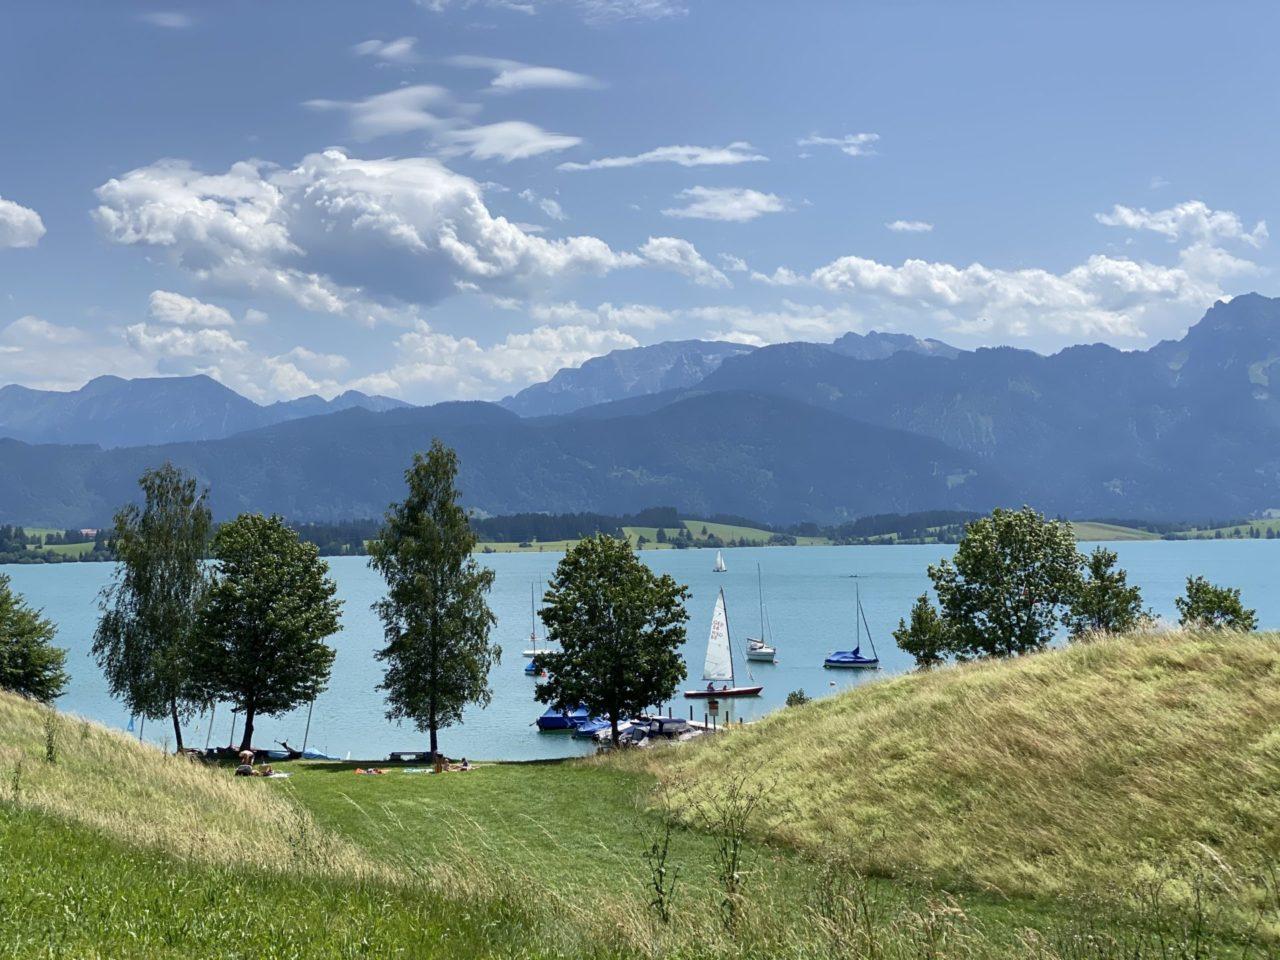 Ein See mit Bäumen und Bergen im Hintergrund